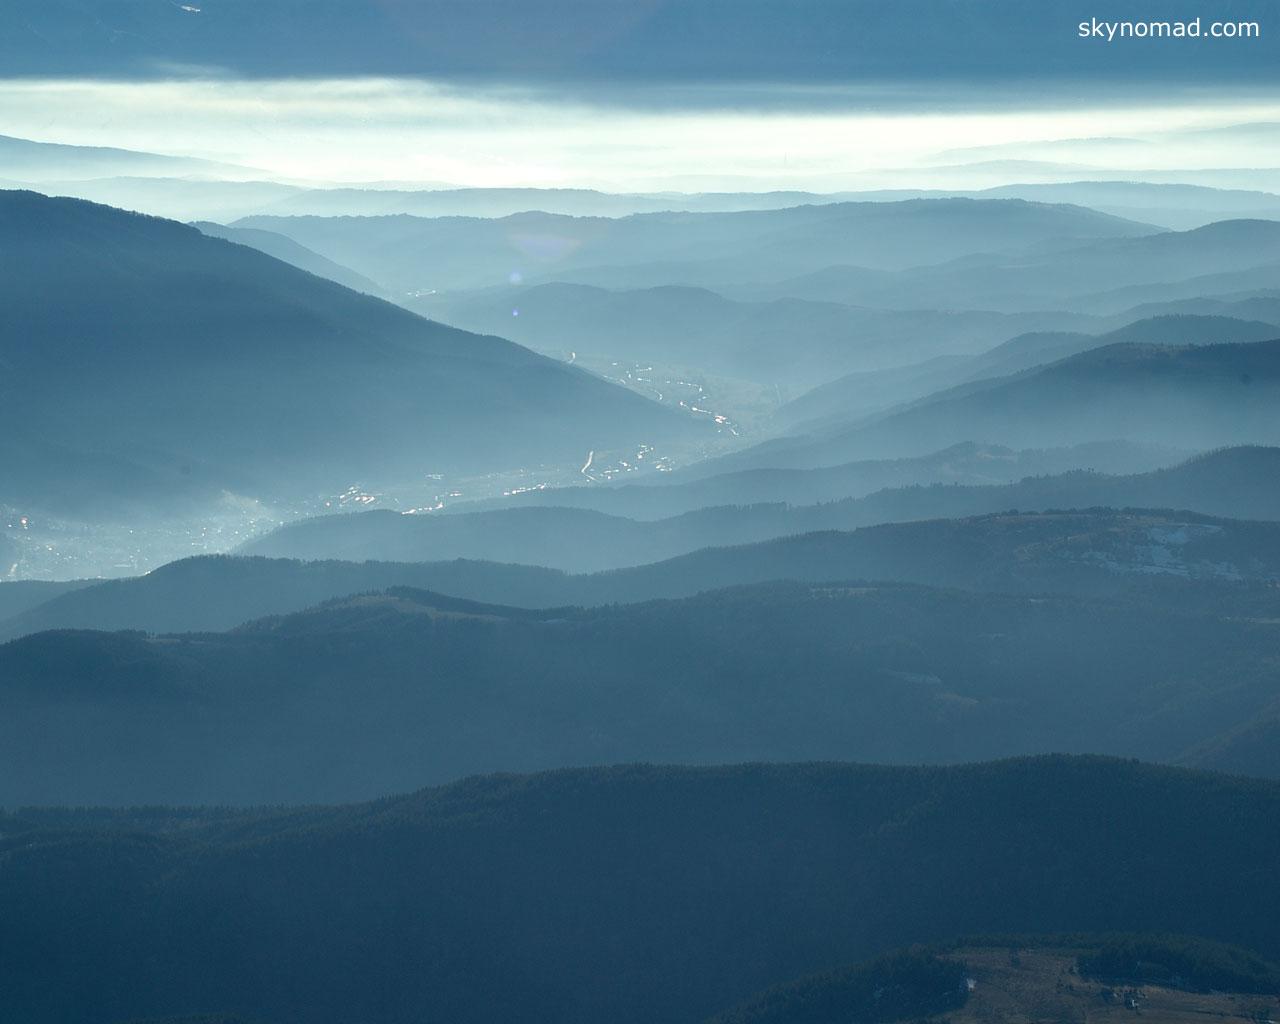 Aerial Bulgaria Autumn Mountain Wallpaper